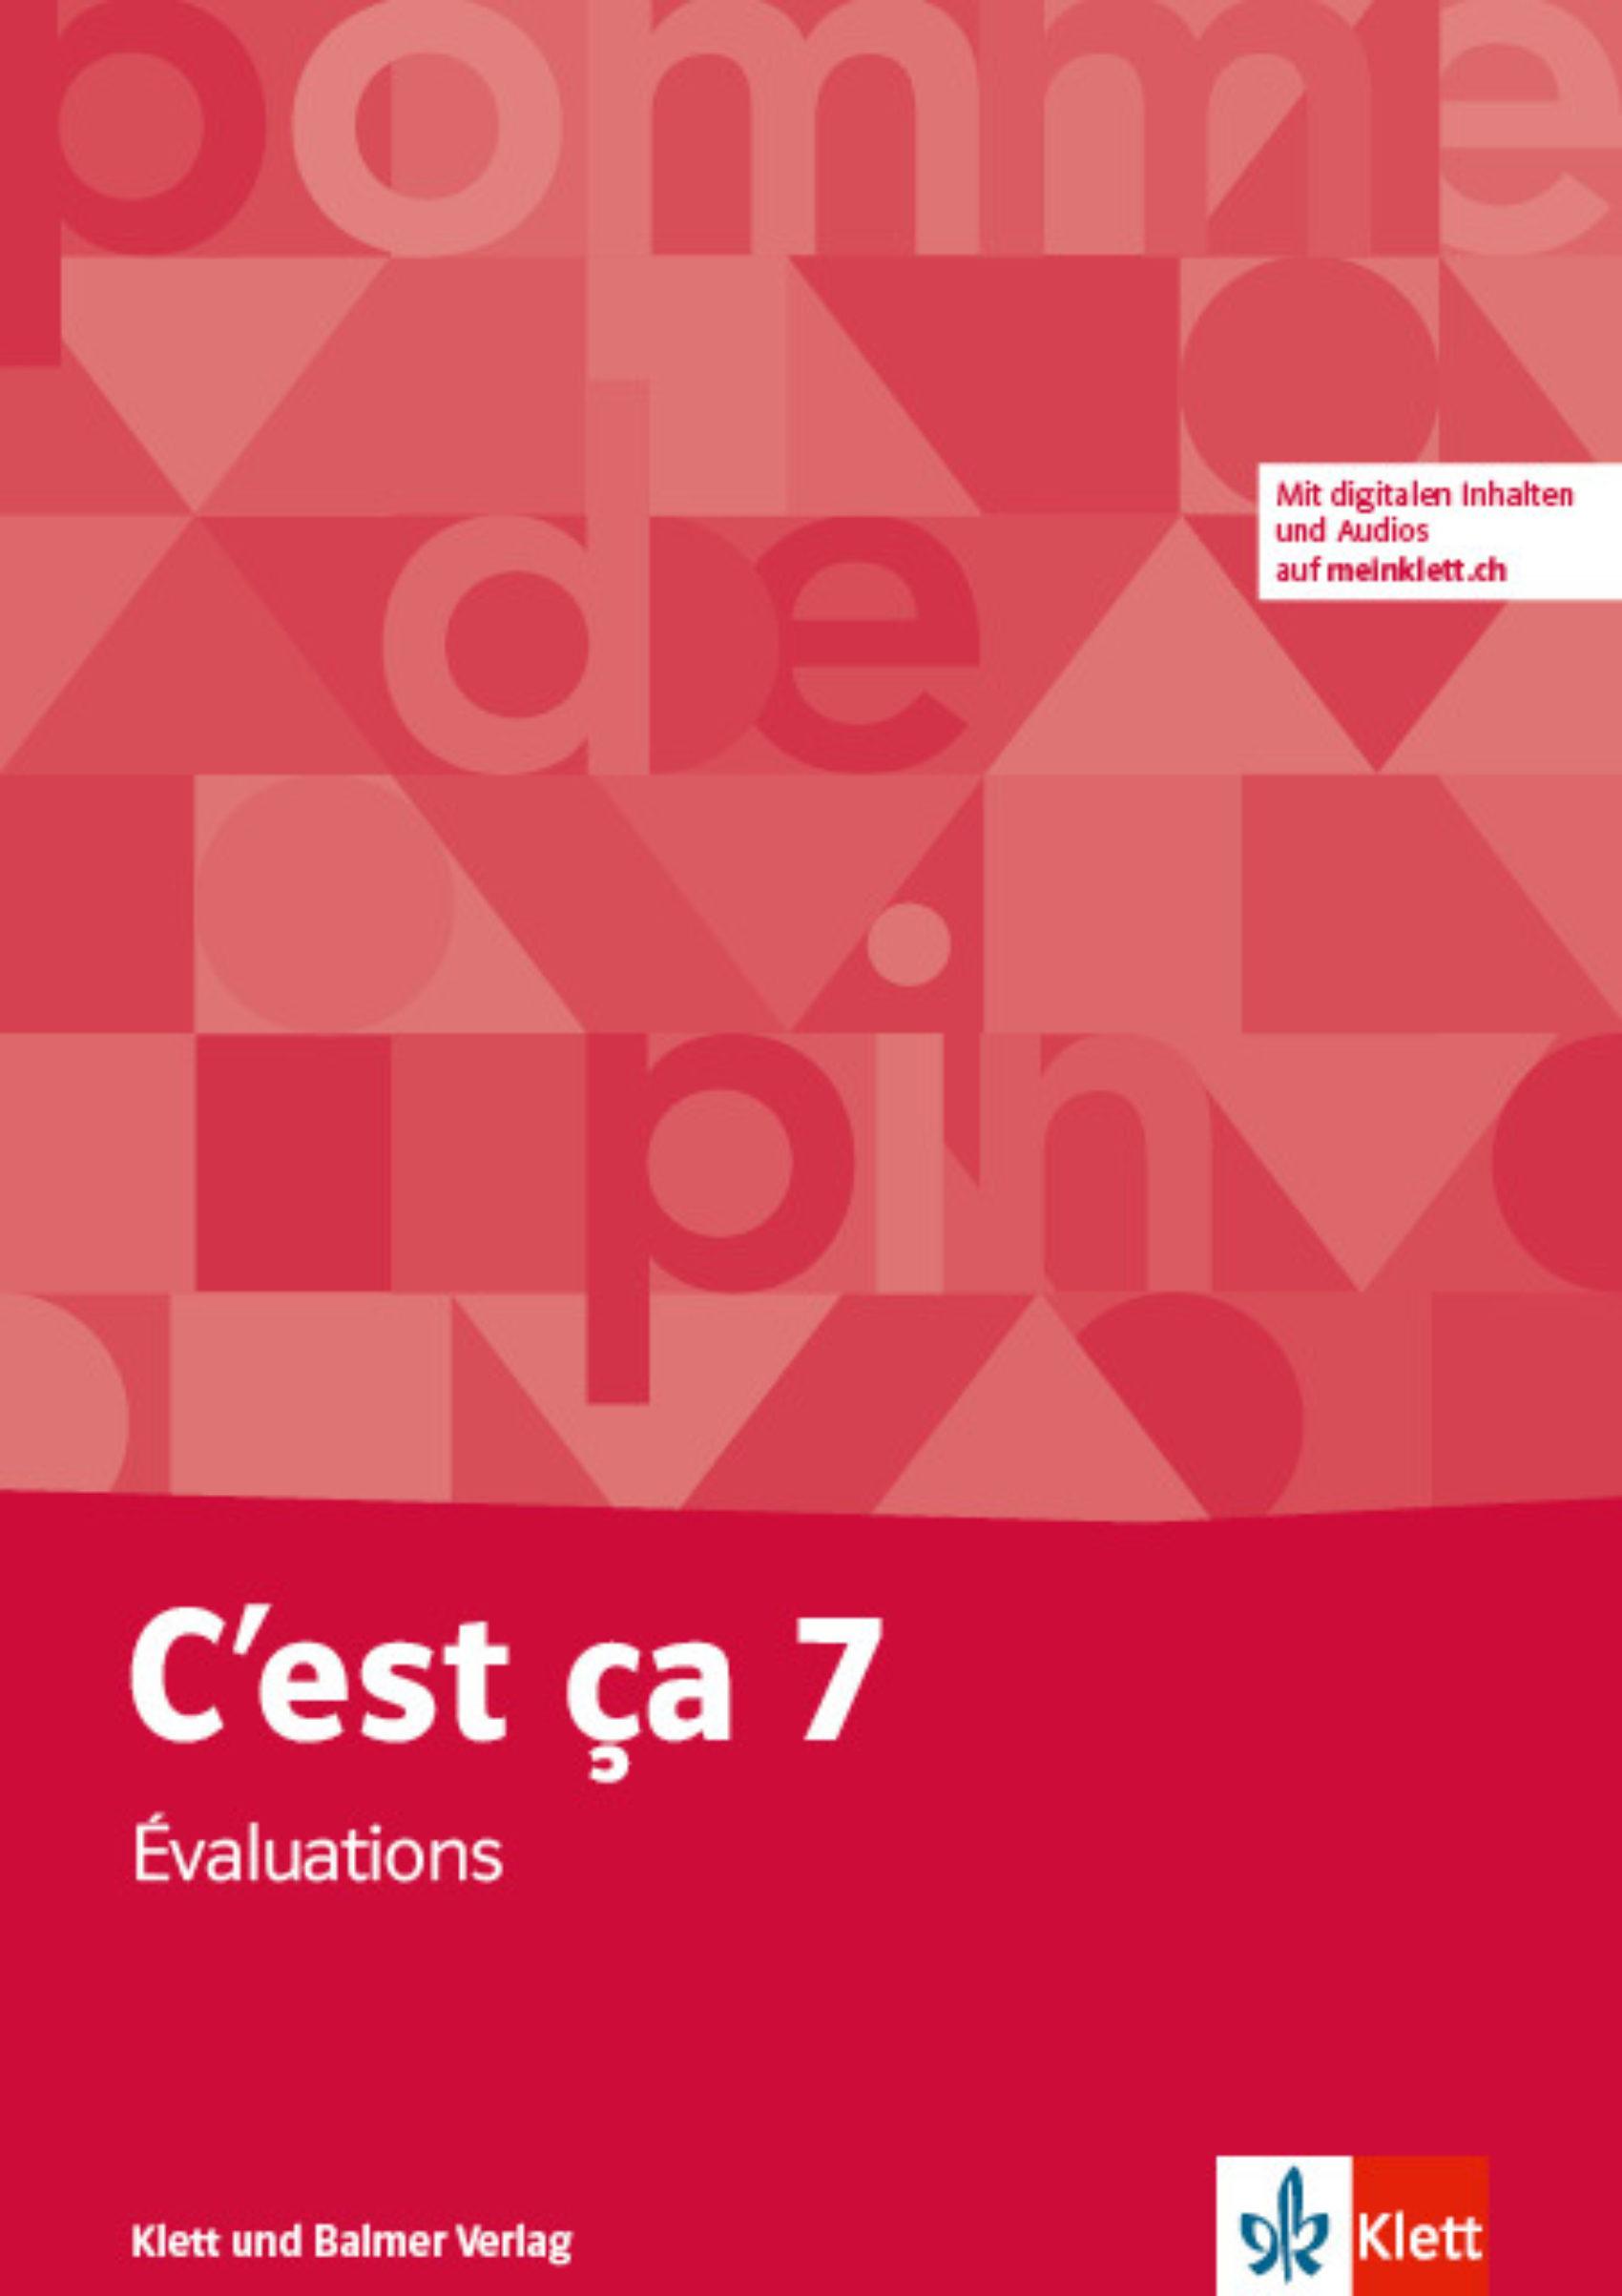 Evaluations 7 cest ca 978 3 264 84649 2 klett und balmer